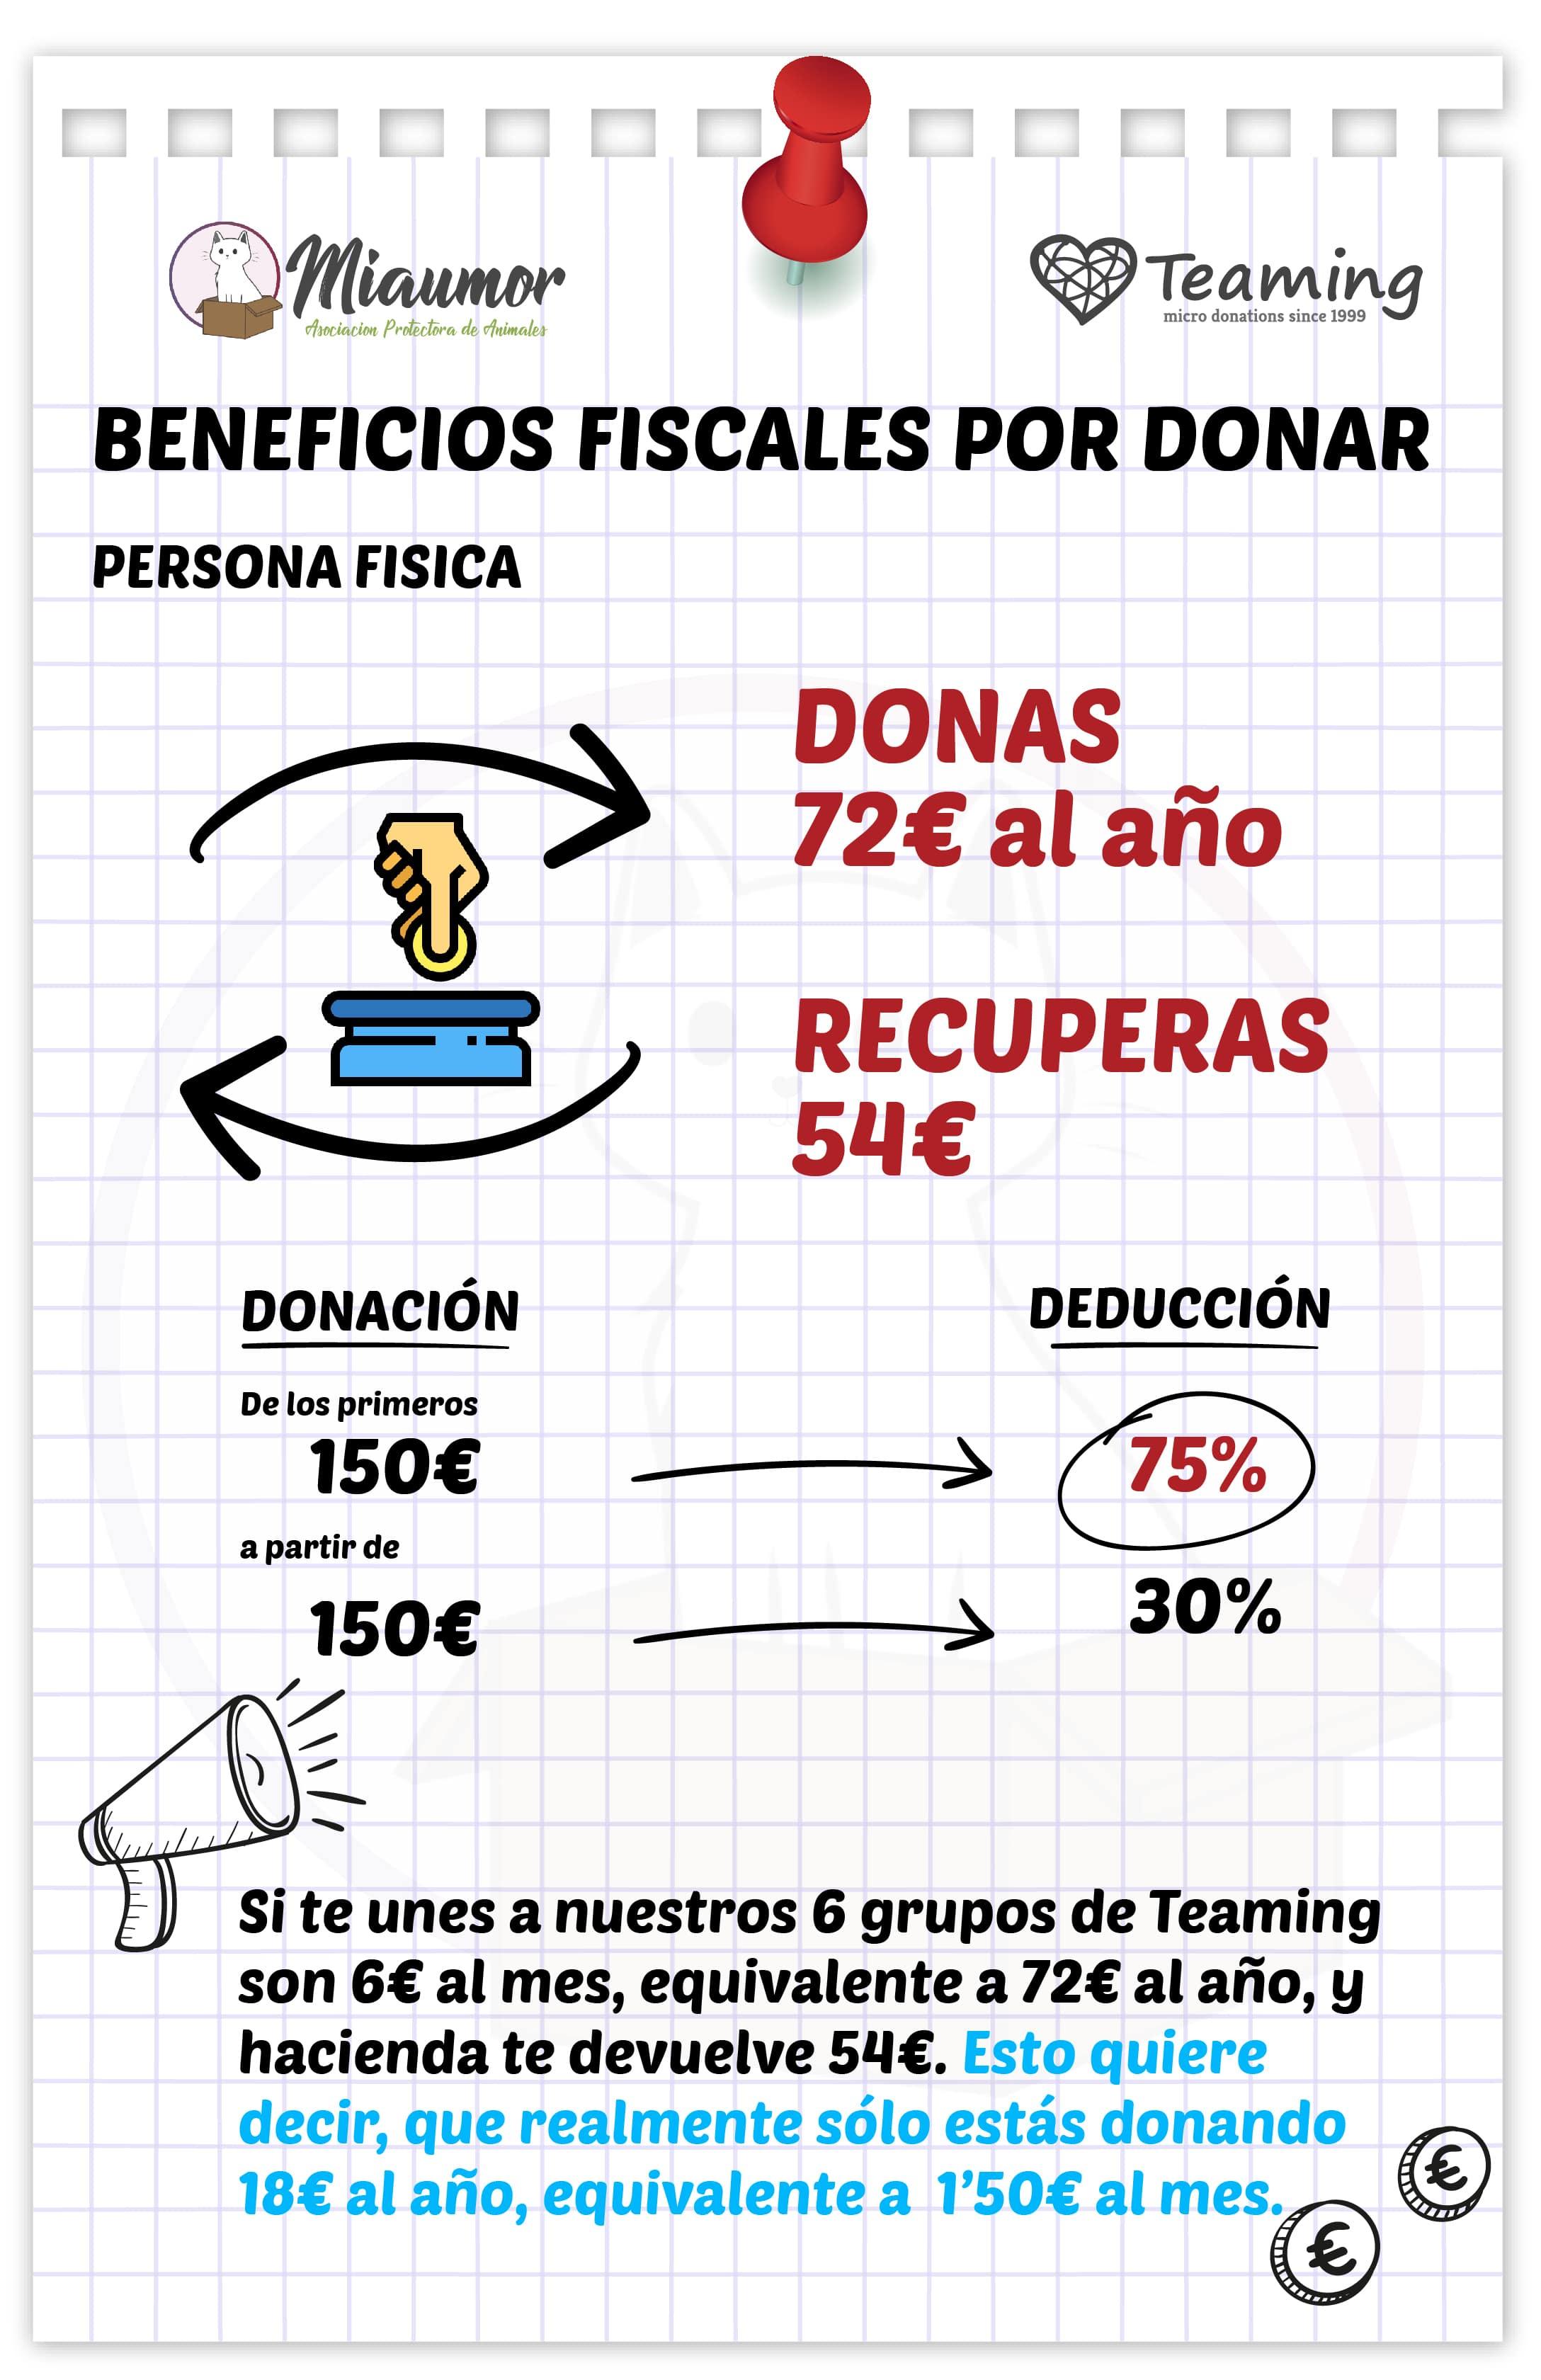 Beneficios fiscales donaciones